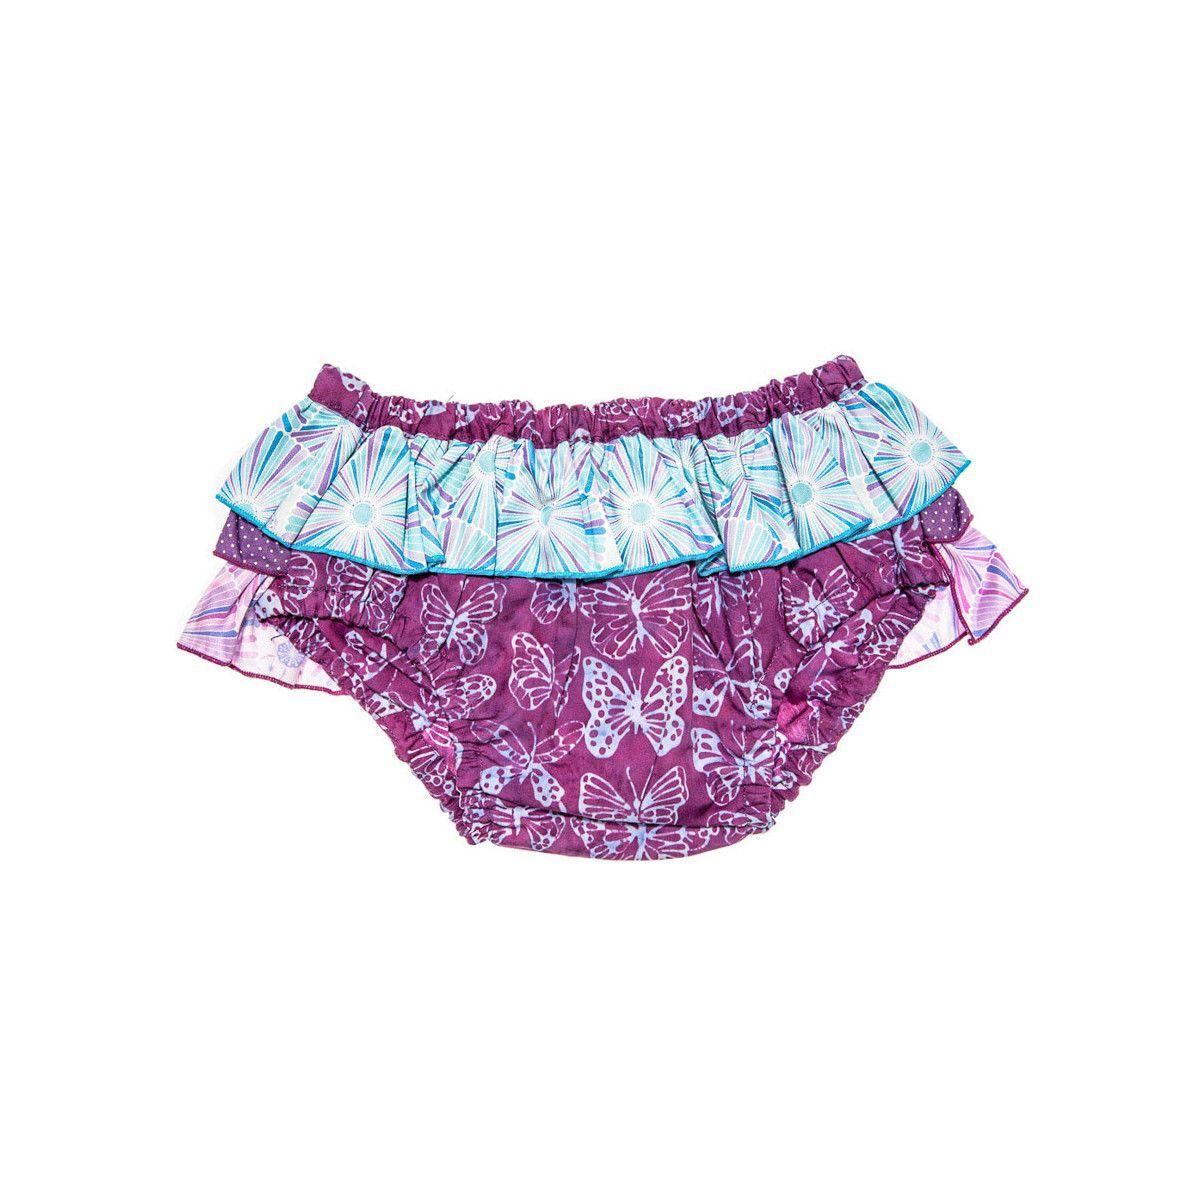 Bloomer culotte de bain bébé fille 6-24 mois violet mauve et papillons